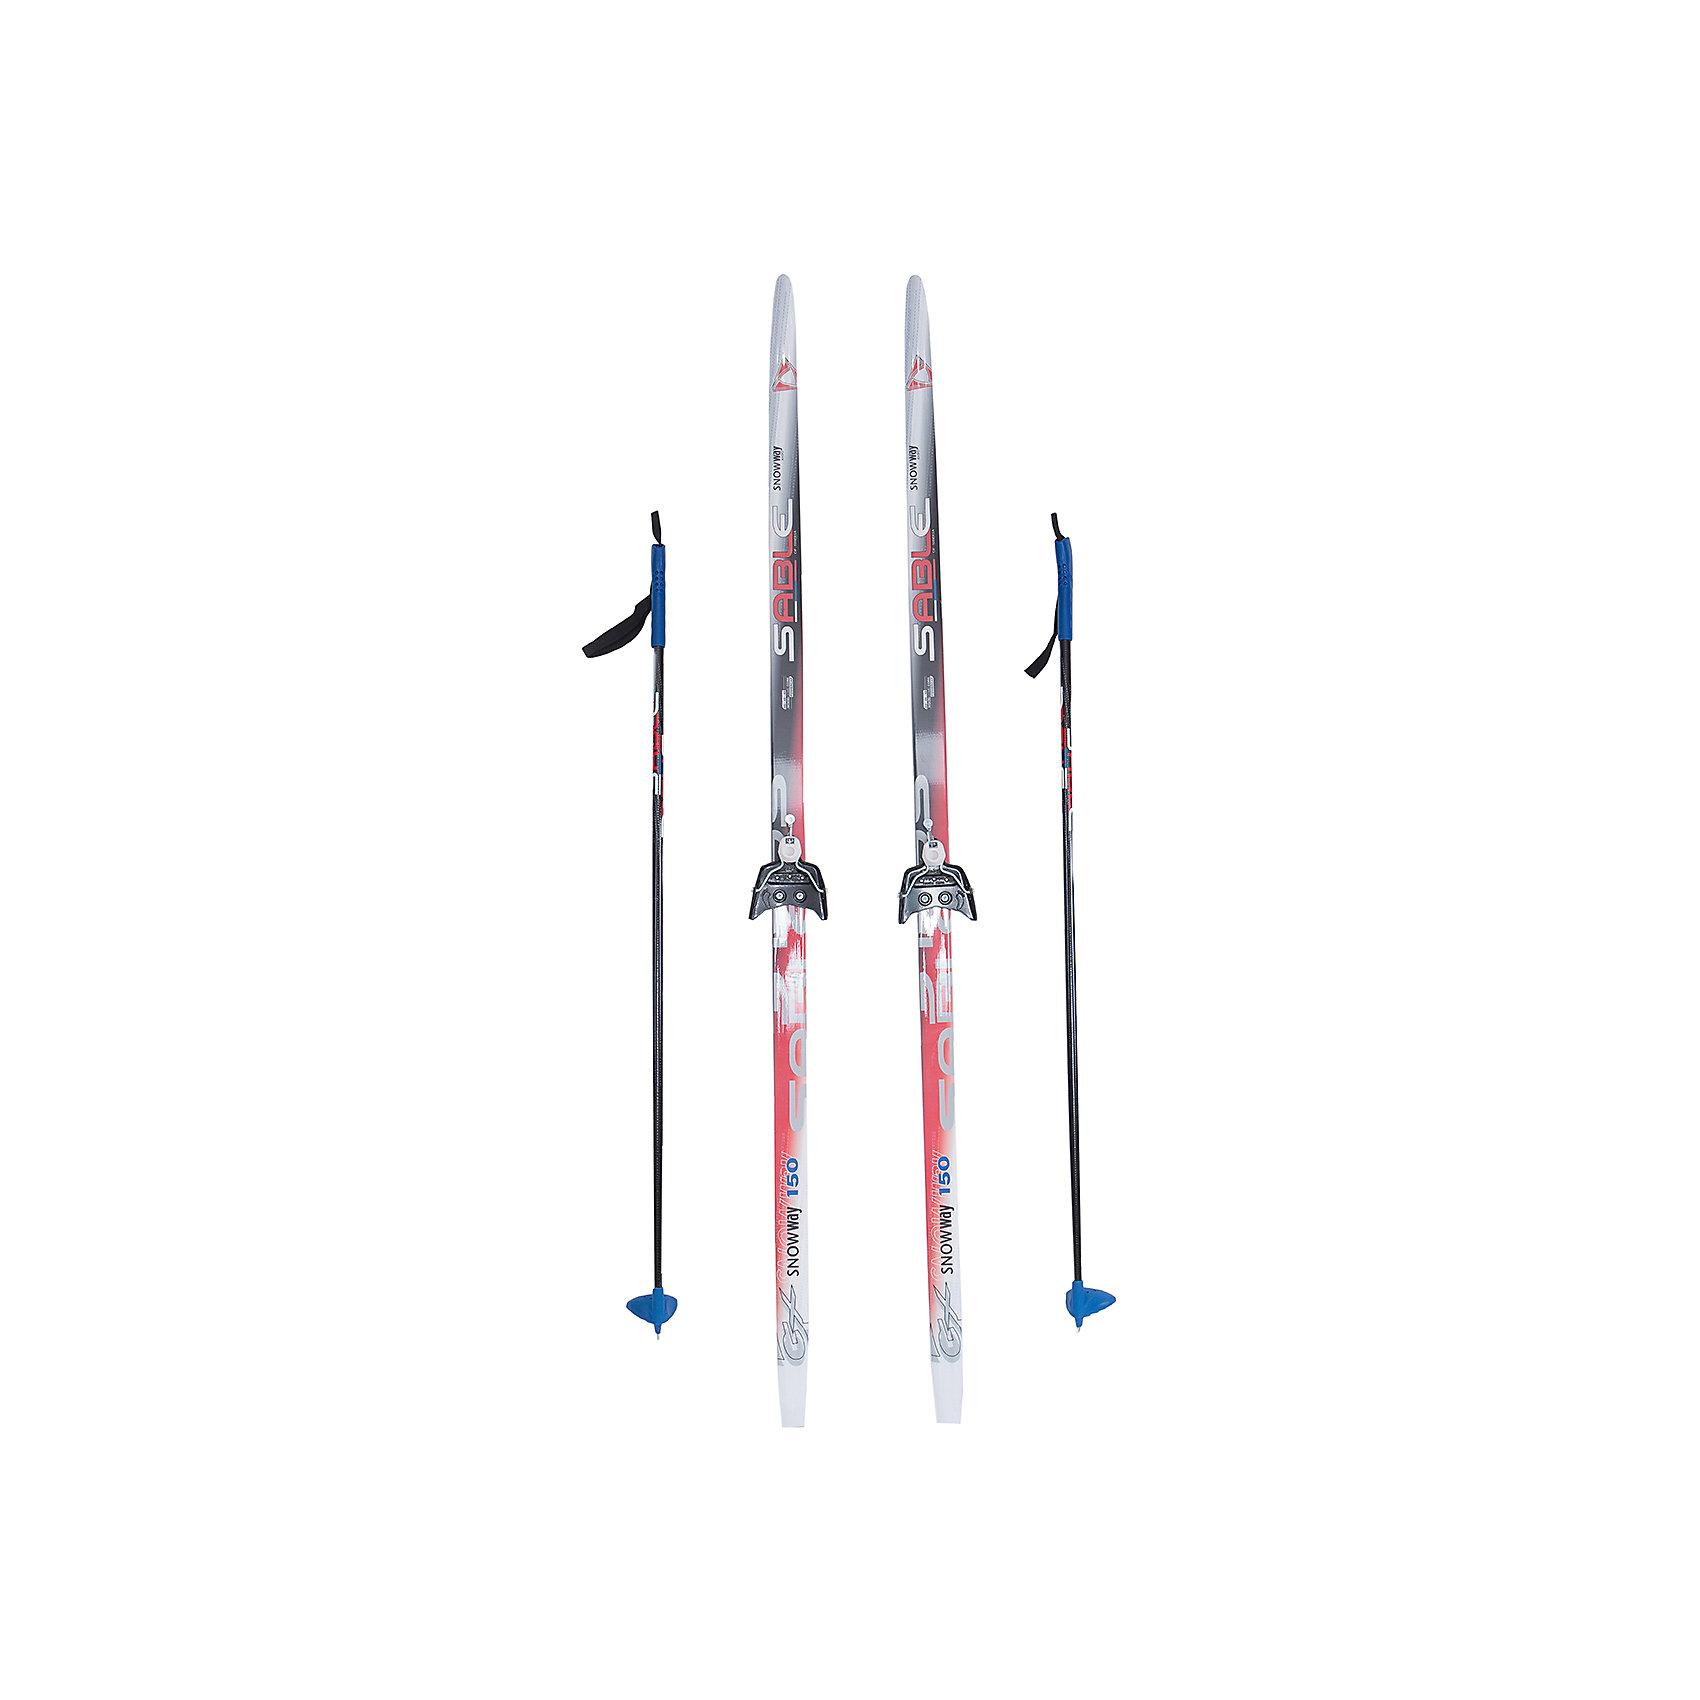 - Лыжный комплект на 75мм, Соболь, красные лыжи, палки синие пластиковые лыжи без насечки tisa top skatе 182